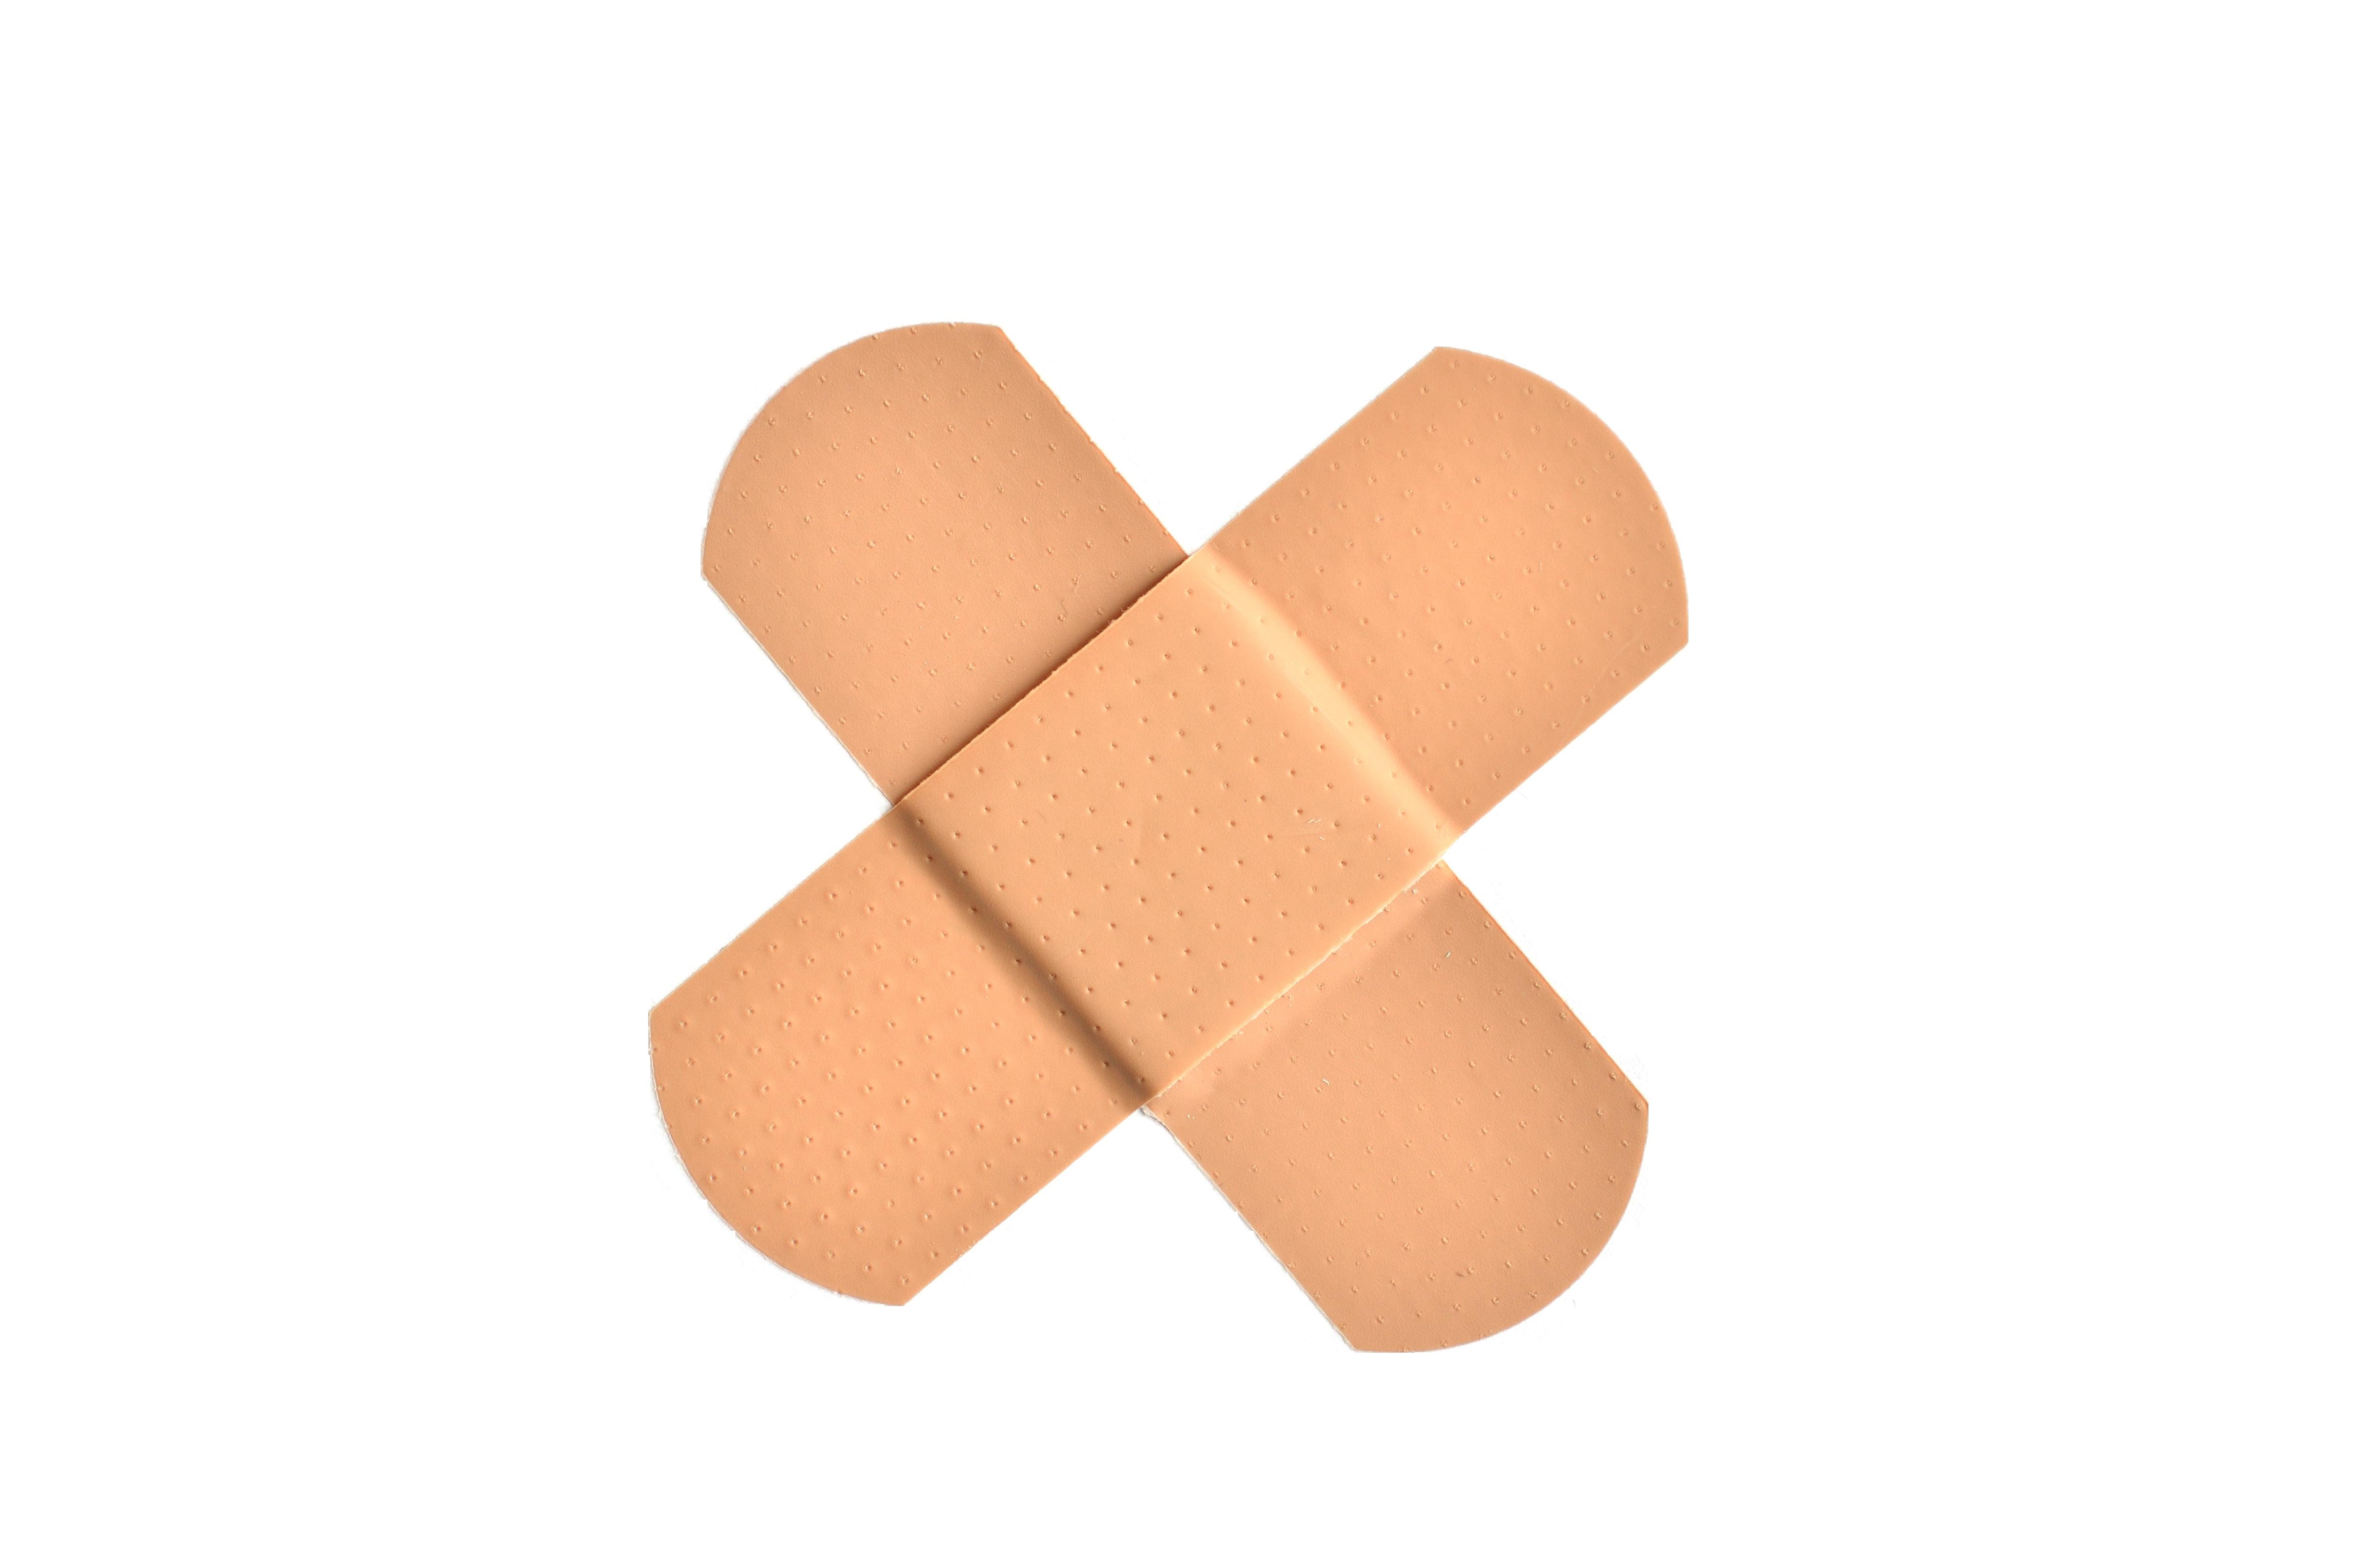 bandage-1235337_Clip